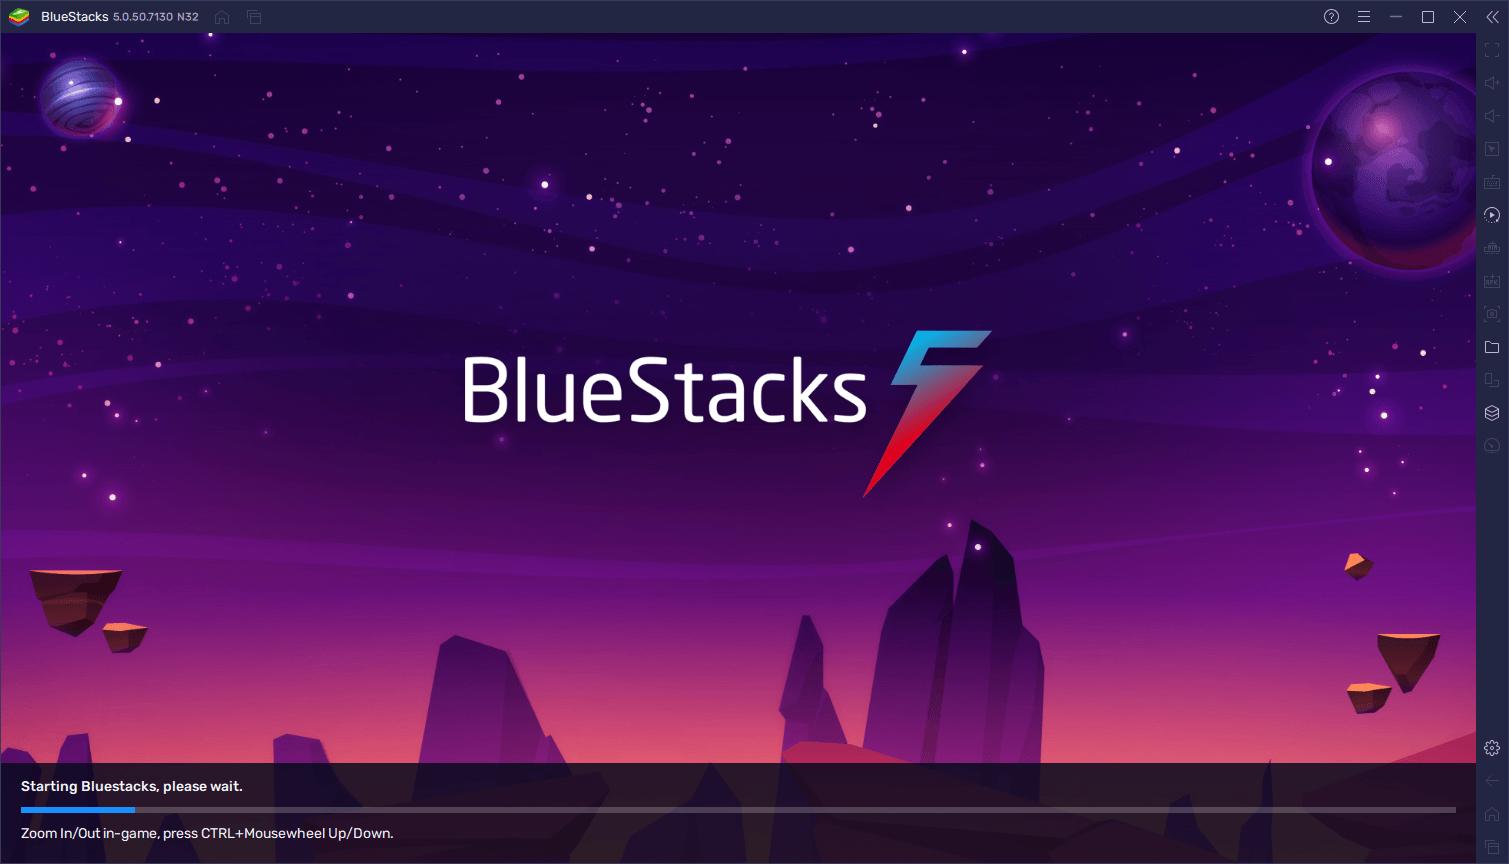 La nuova funzione Memory Trim (Ritaglia Memoria) di BlueStacks 5 garantisce sessioni lag-free con un minor utilizzo di RAM